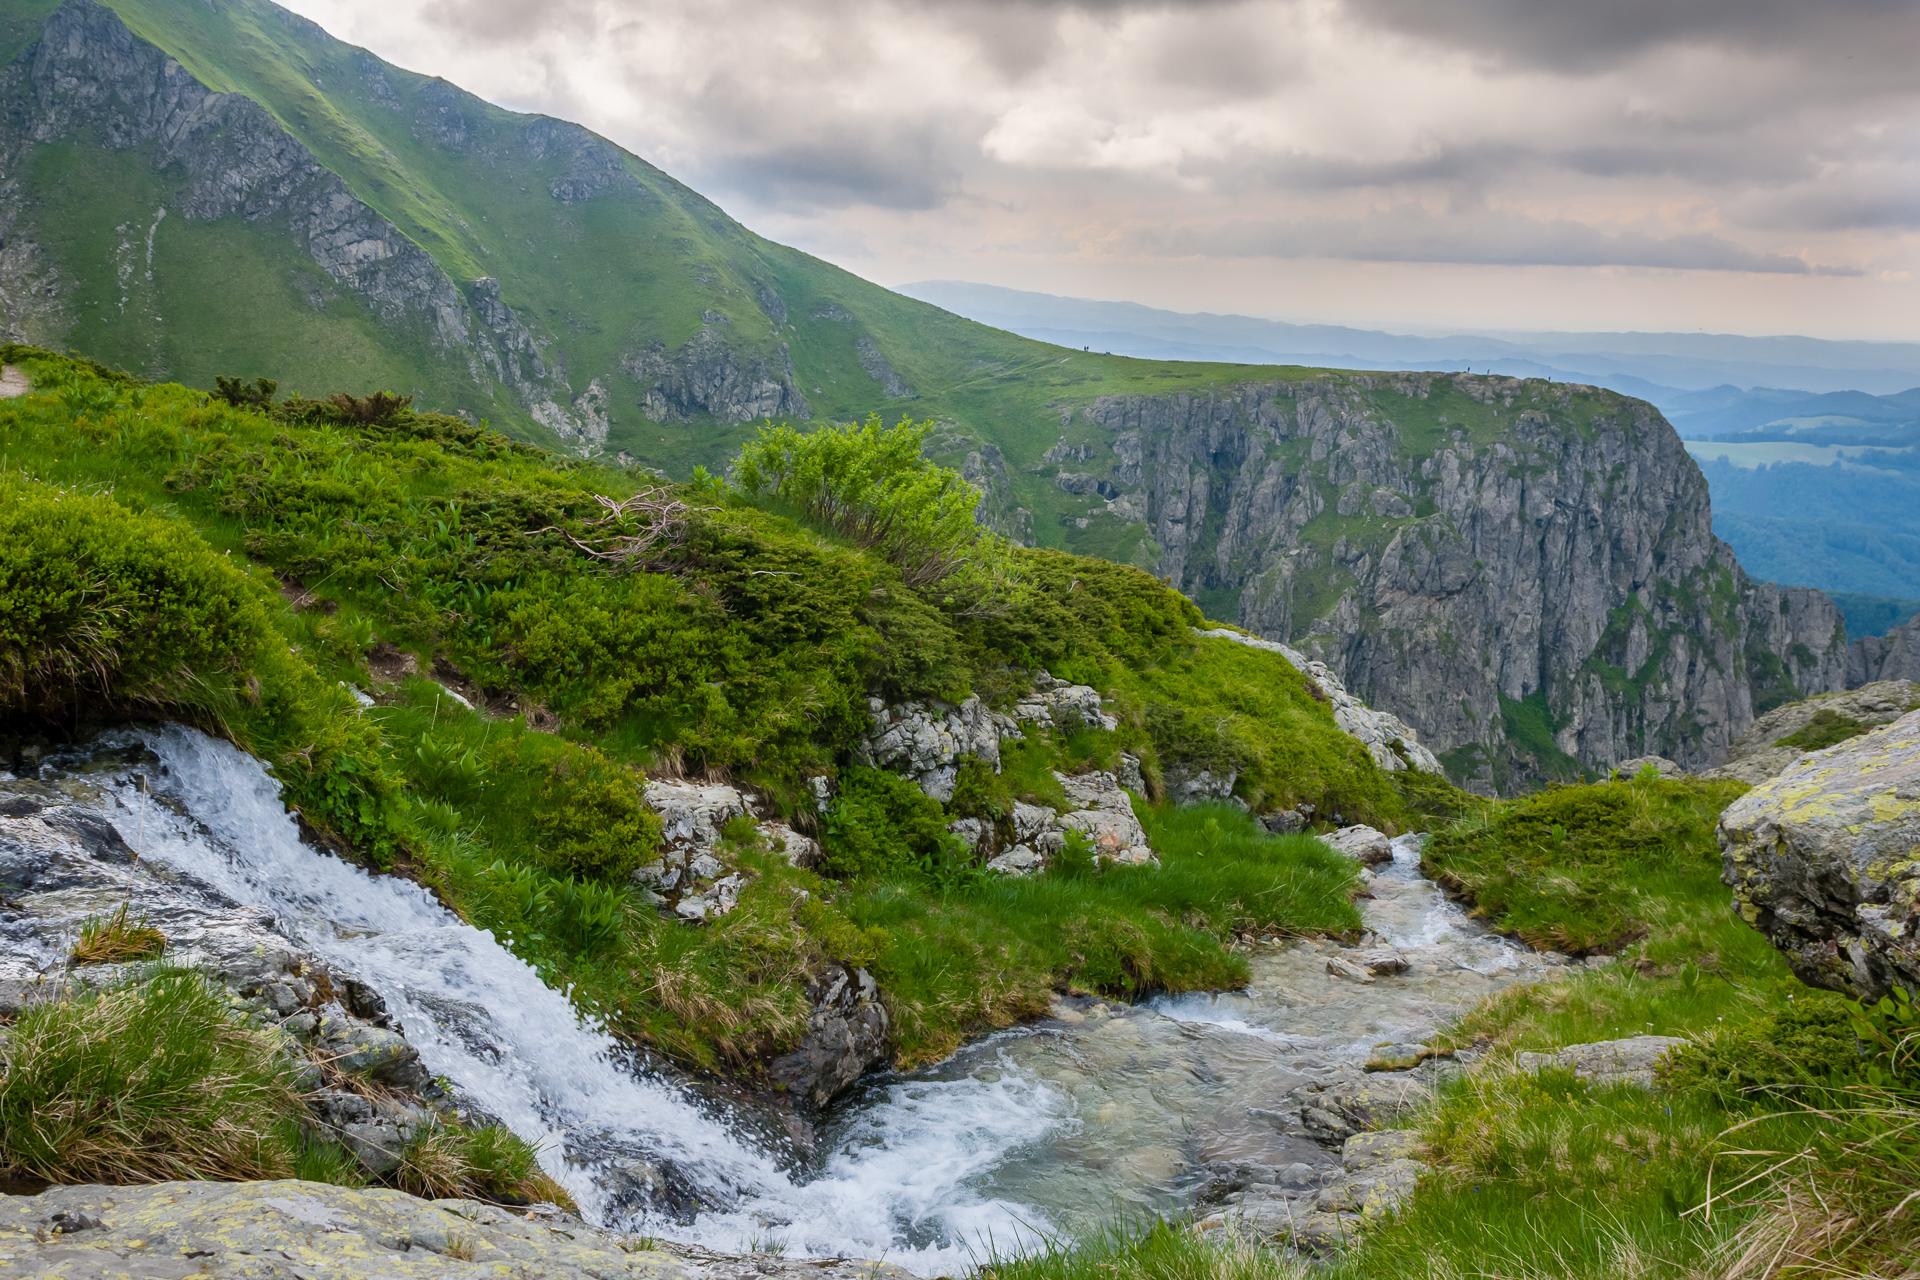 Северен Джендем,  река Василковица преди да скочи в бездната... от Tzvetan Ostromsky - ceco